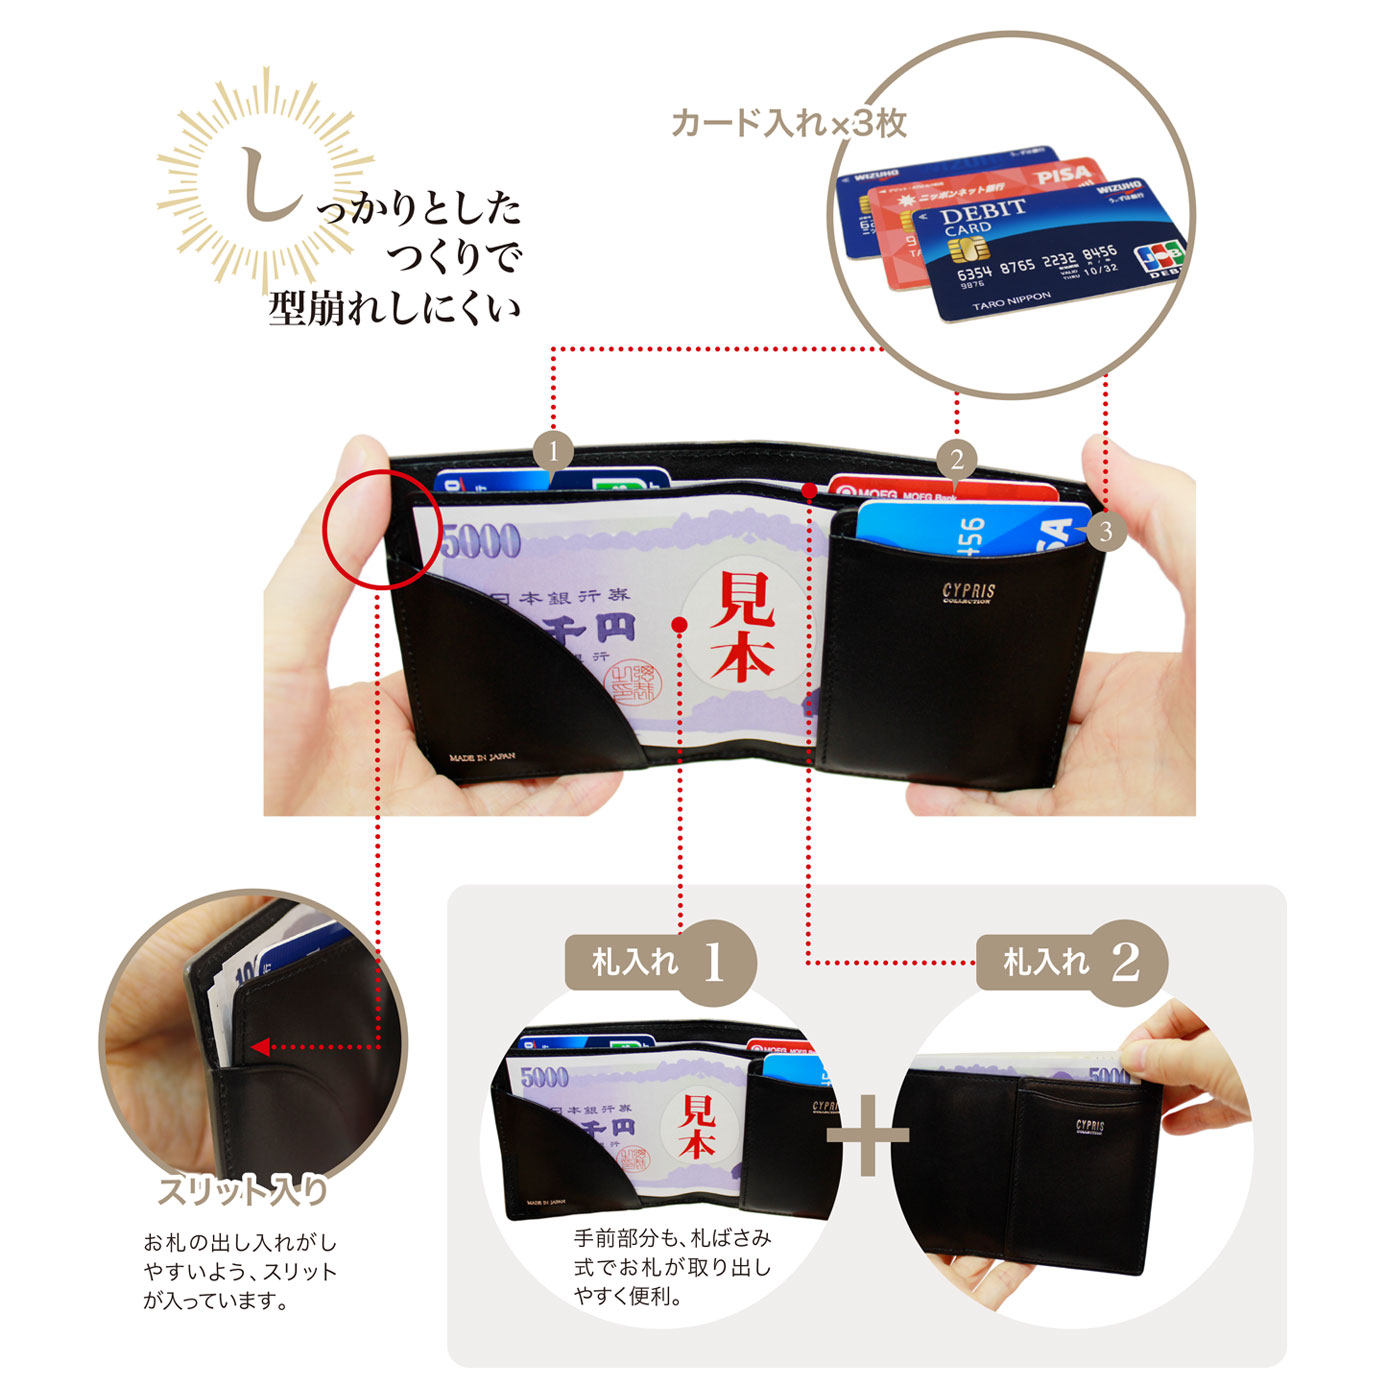 キプリス リザードコンパクト札入れ。カード入れ3枚、札入れ2か所、スリット入りでお札が出し入れしやすい。